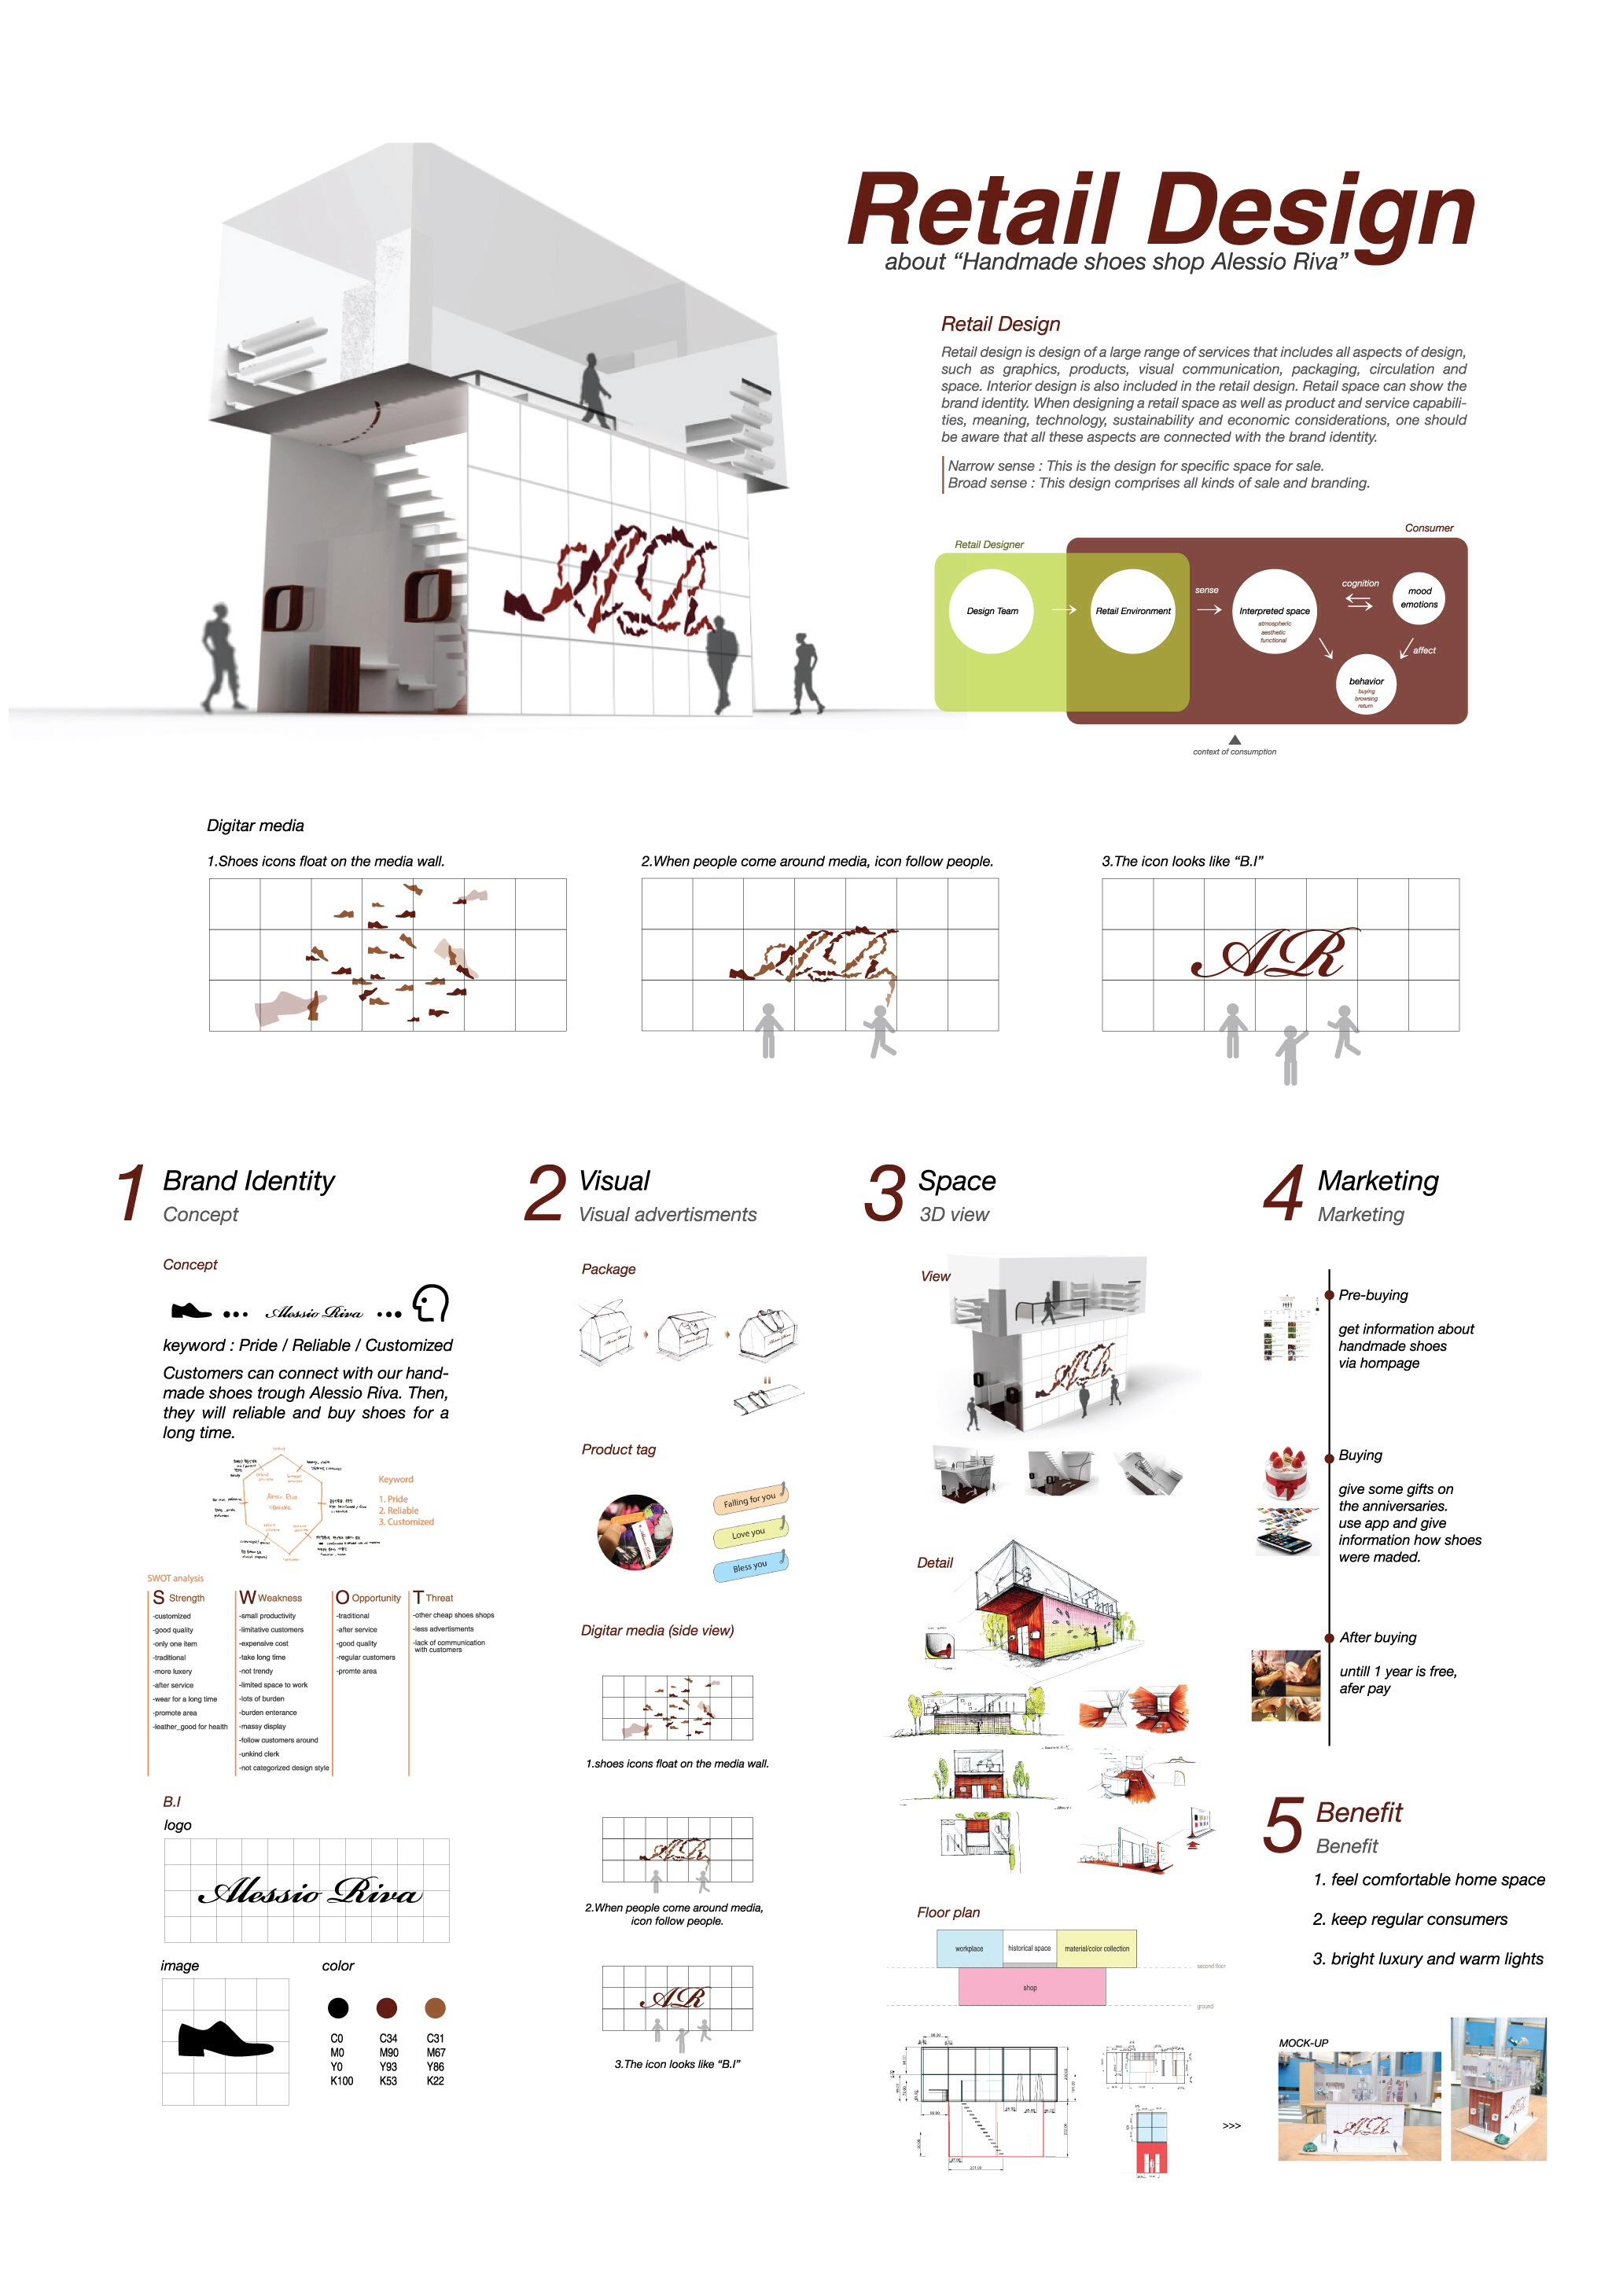 Alessio Riva (Retail Design)